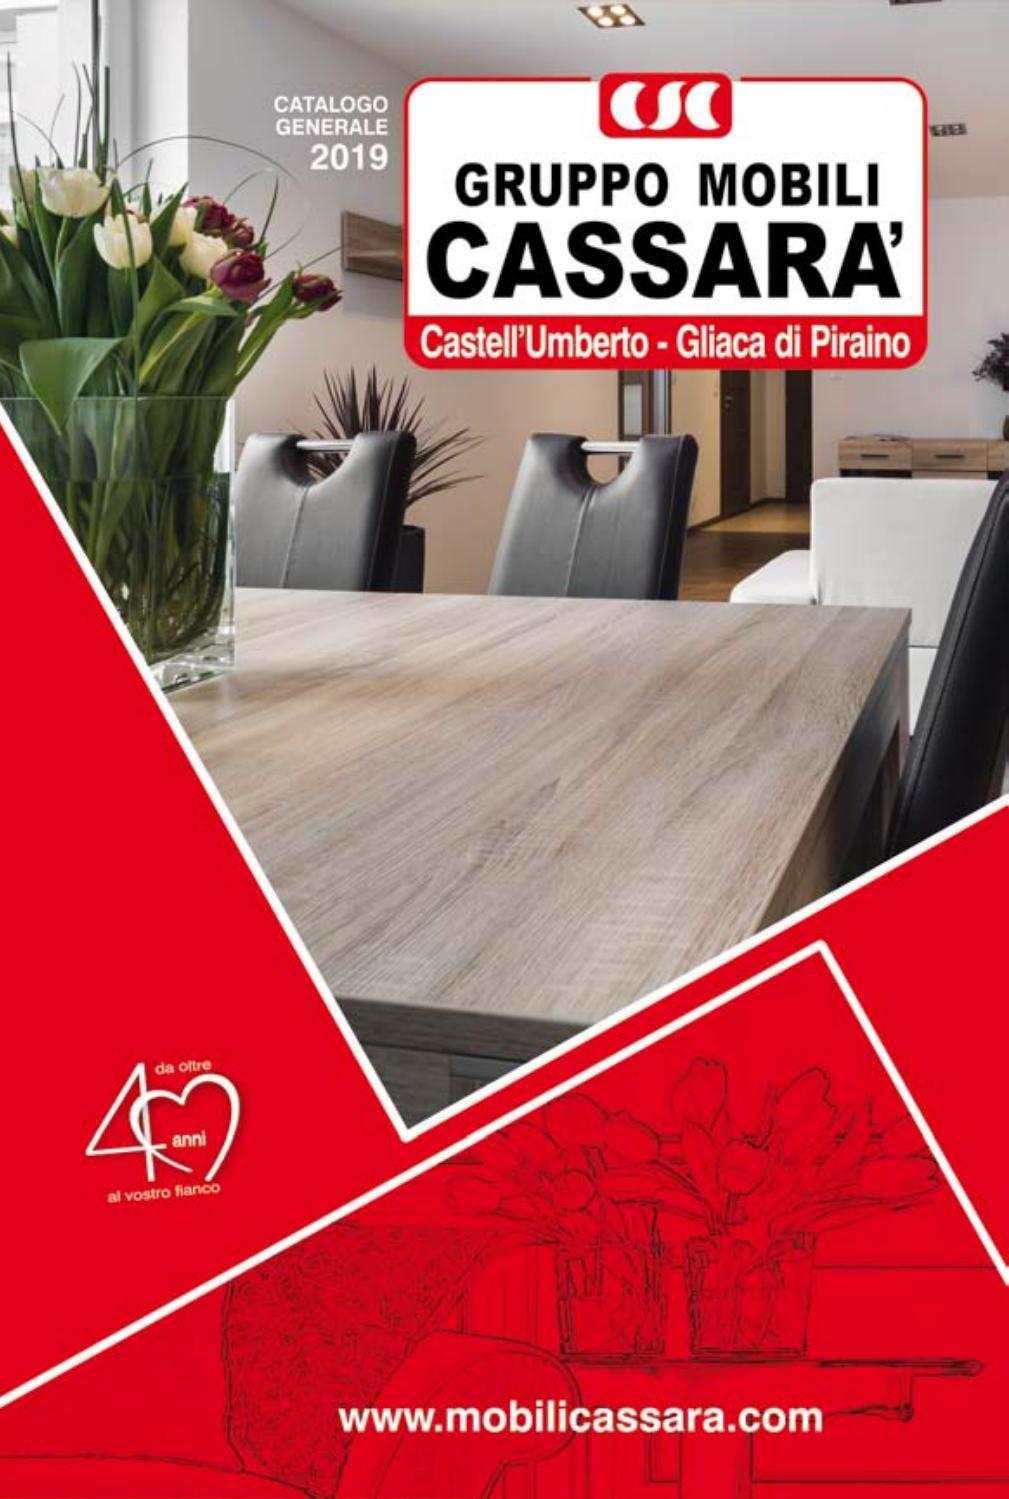 Gruppo Mobili Cassara.Catalogo 2019 Mobili Cassara By Agenziawebdeveloper Issuu